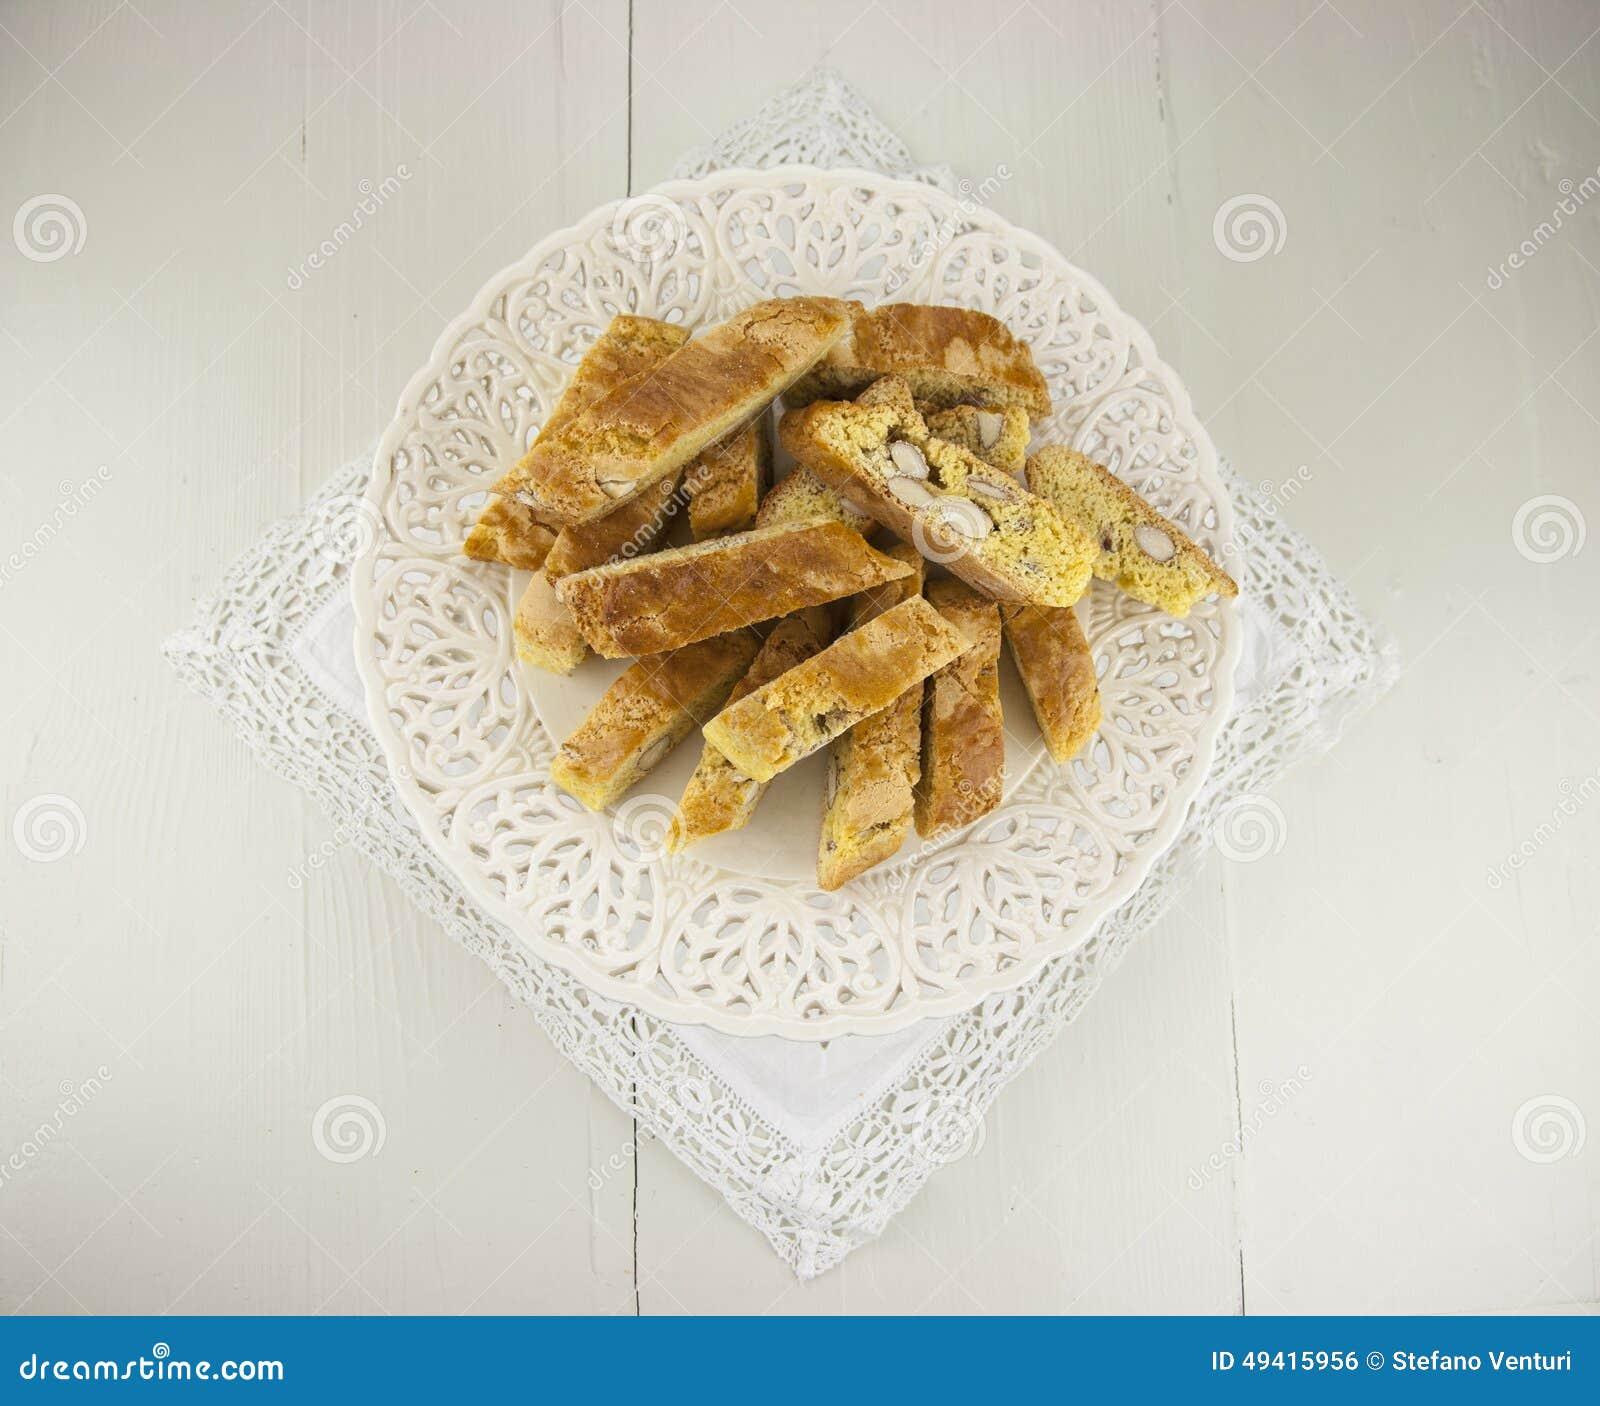 Download Cantucci stockfoto. Bild von krümel, mandel, kochen, hintergrund - 49415956